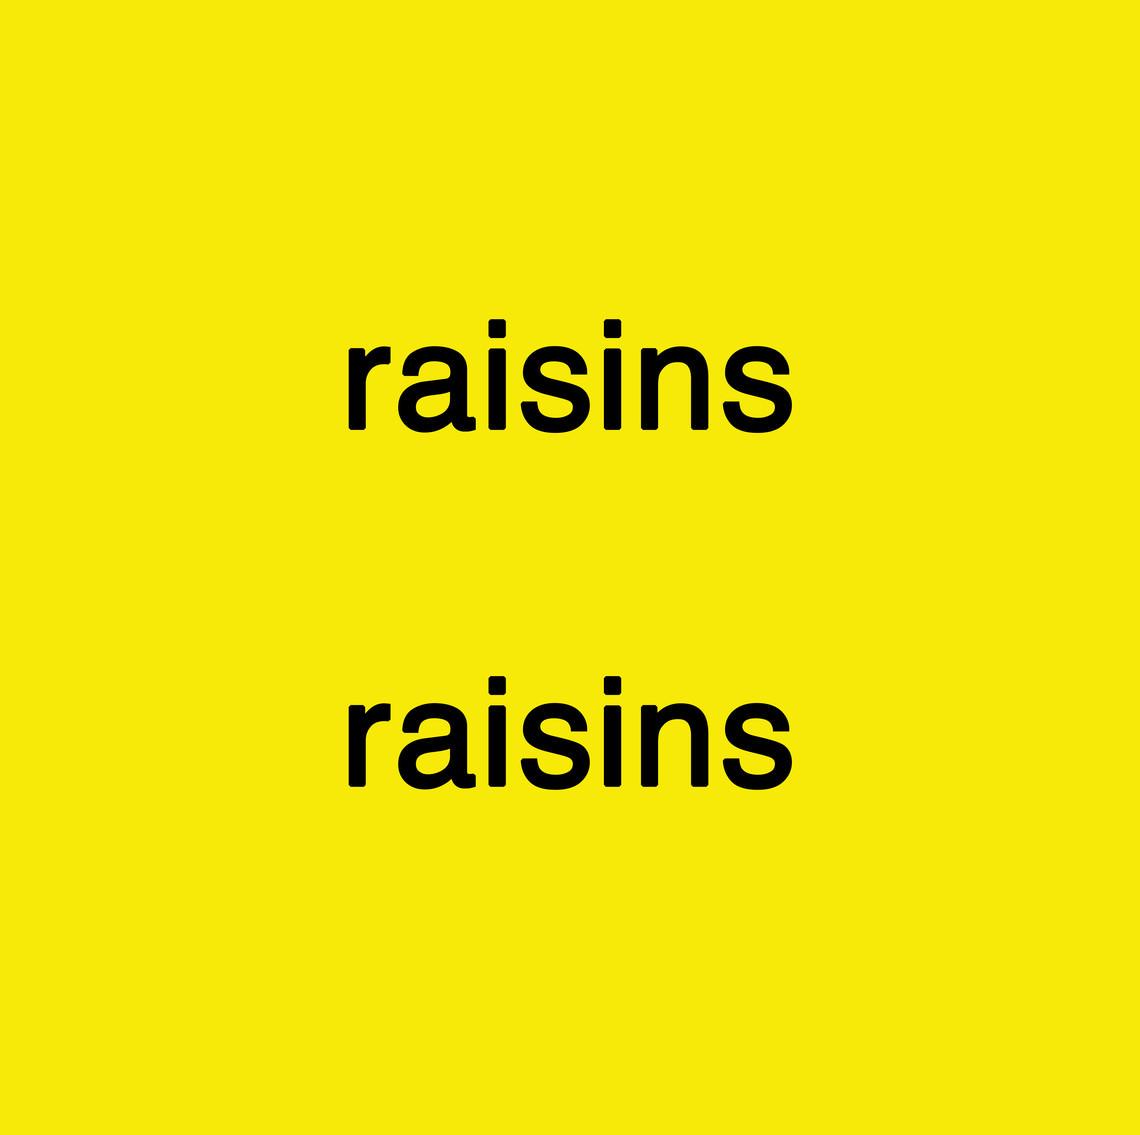 - raisins raisins